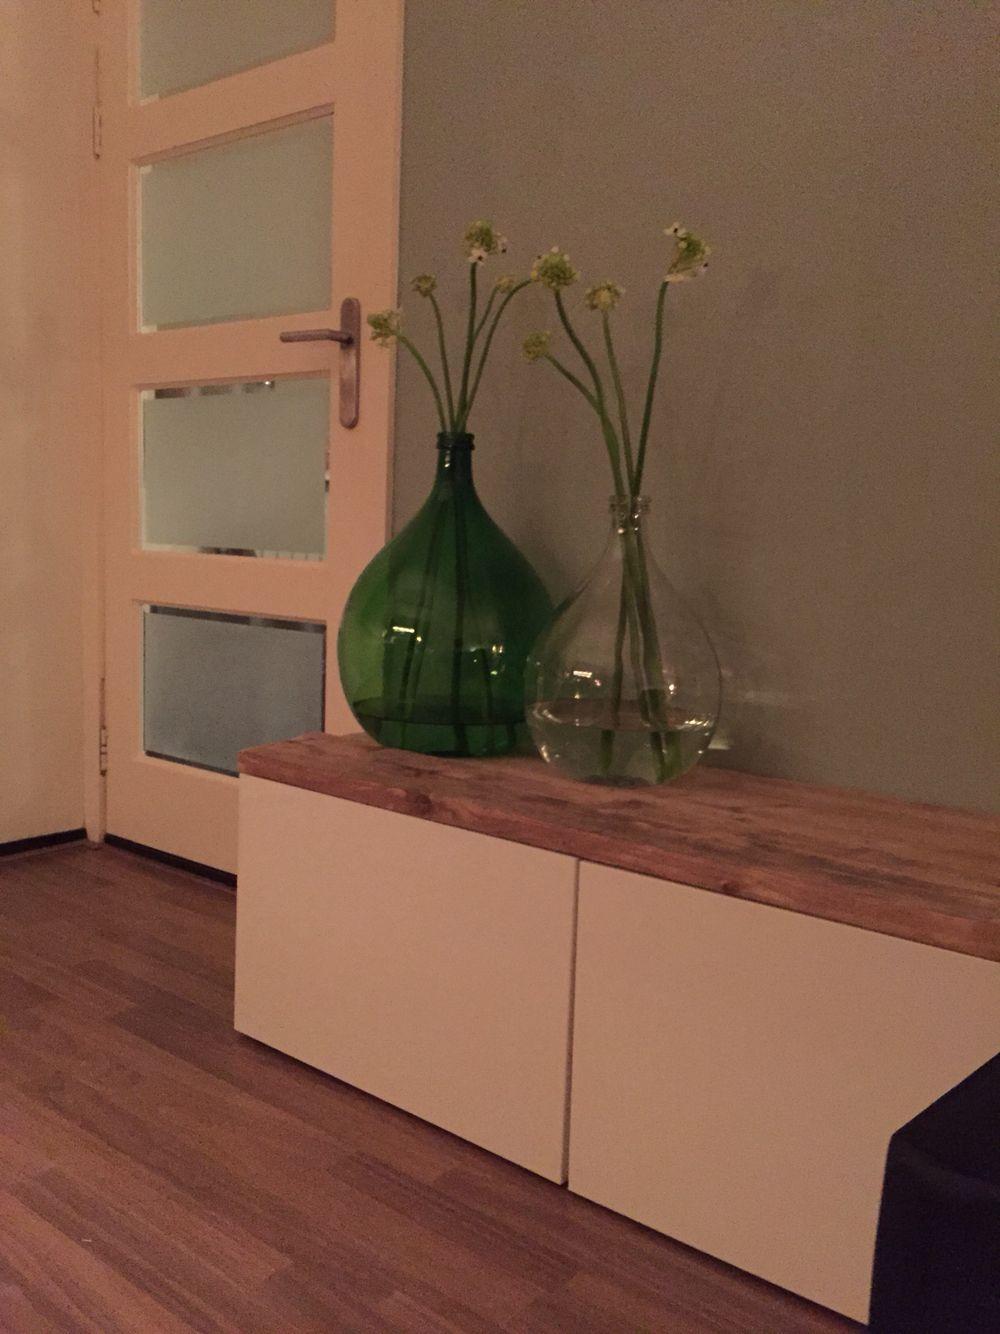 ikea besta tv meubel met steigerhouten plank gistingsflessen met bloemen media consoles. Black Bedroom Furniture Sets. Home Design Ideas